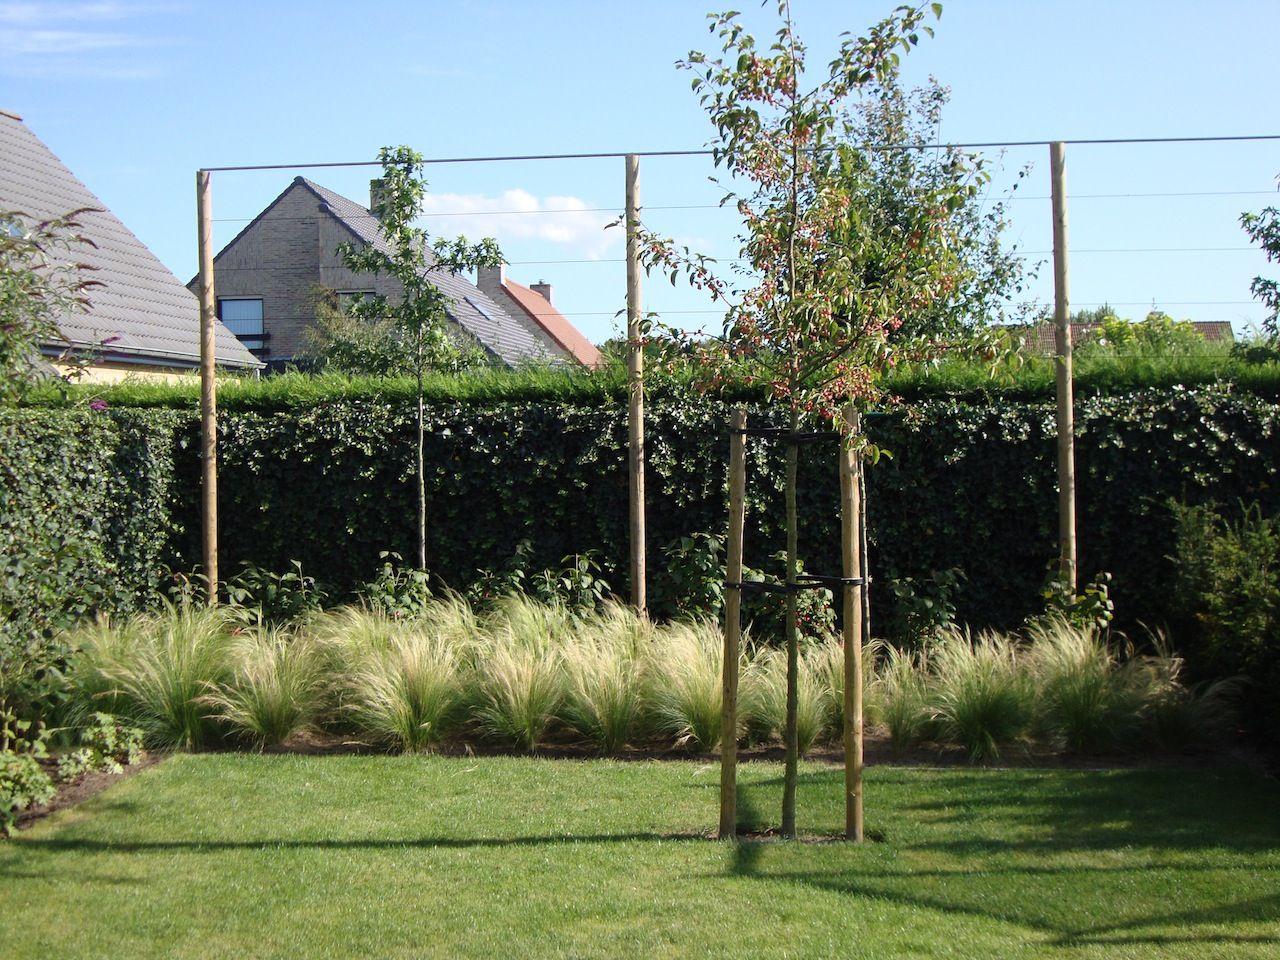 Afgewerkte projecten door jonas d hoore strakke tuin bij moderne